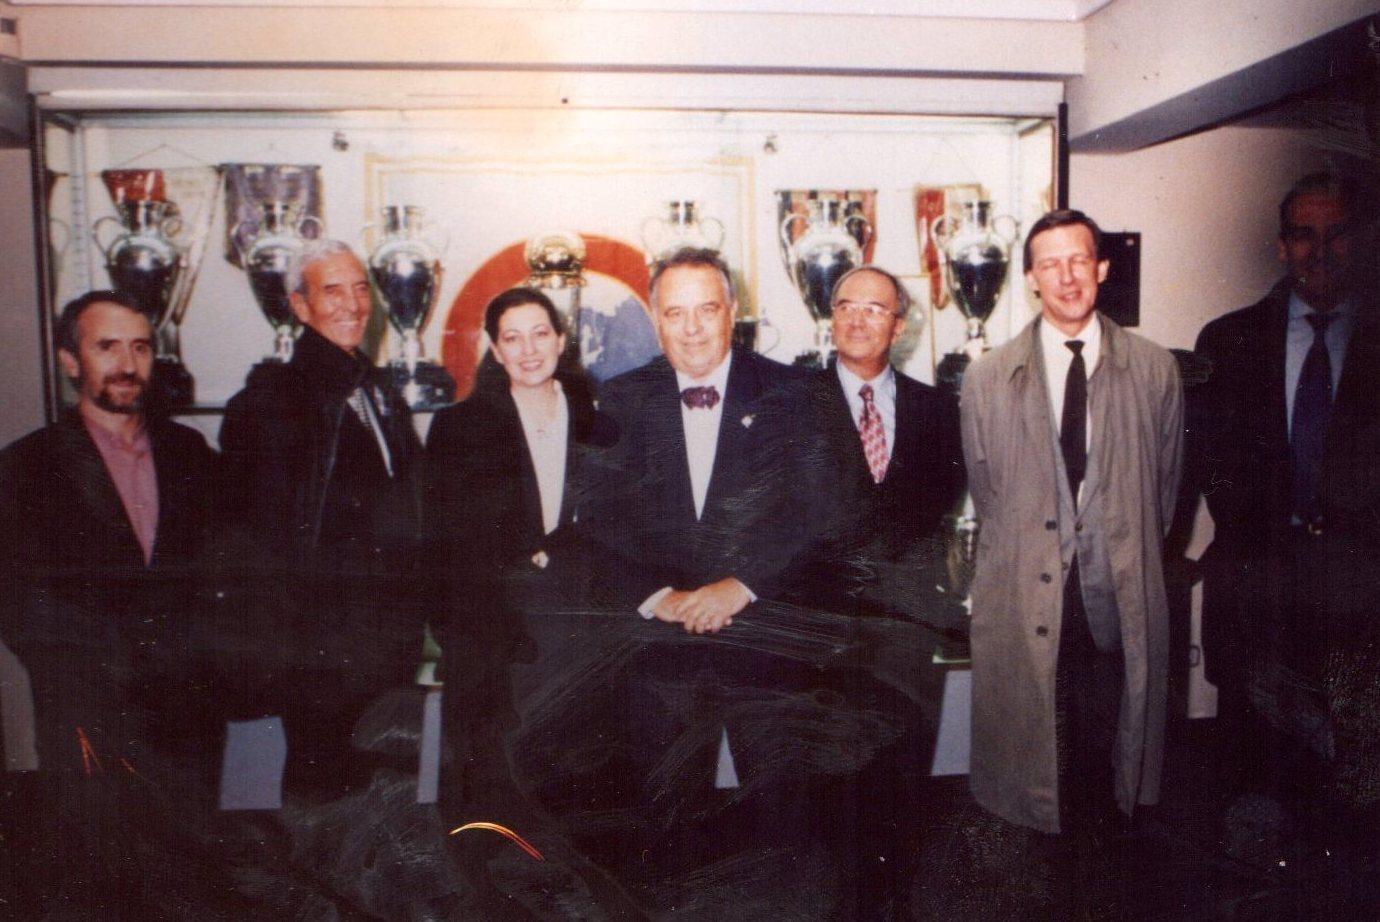 Michel Pistor, inventor de la mesoterapia en un congreso